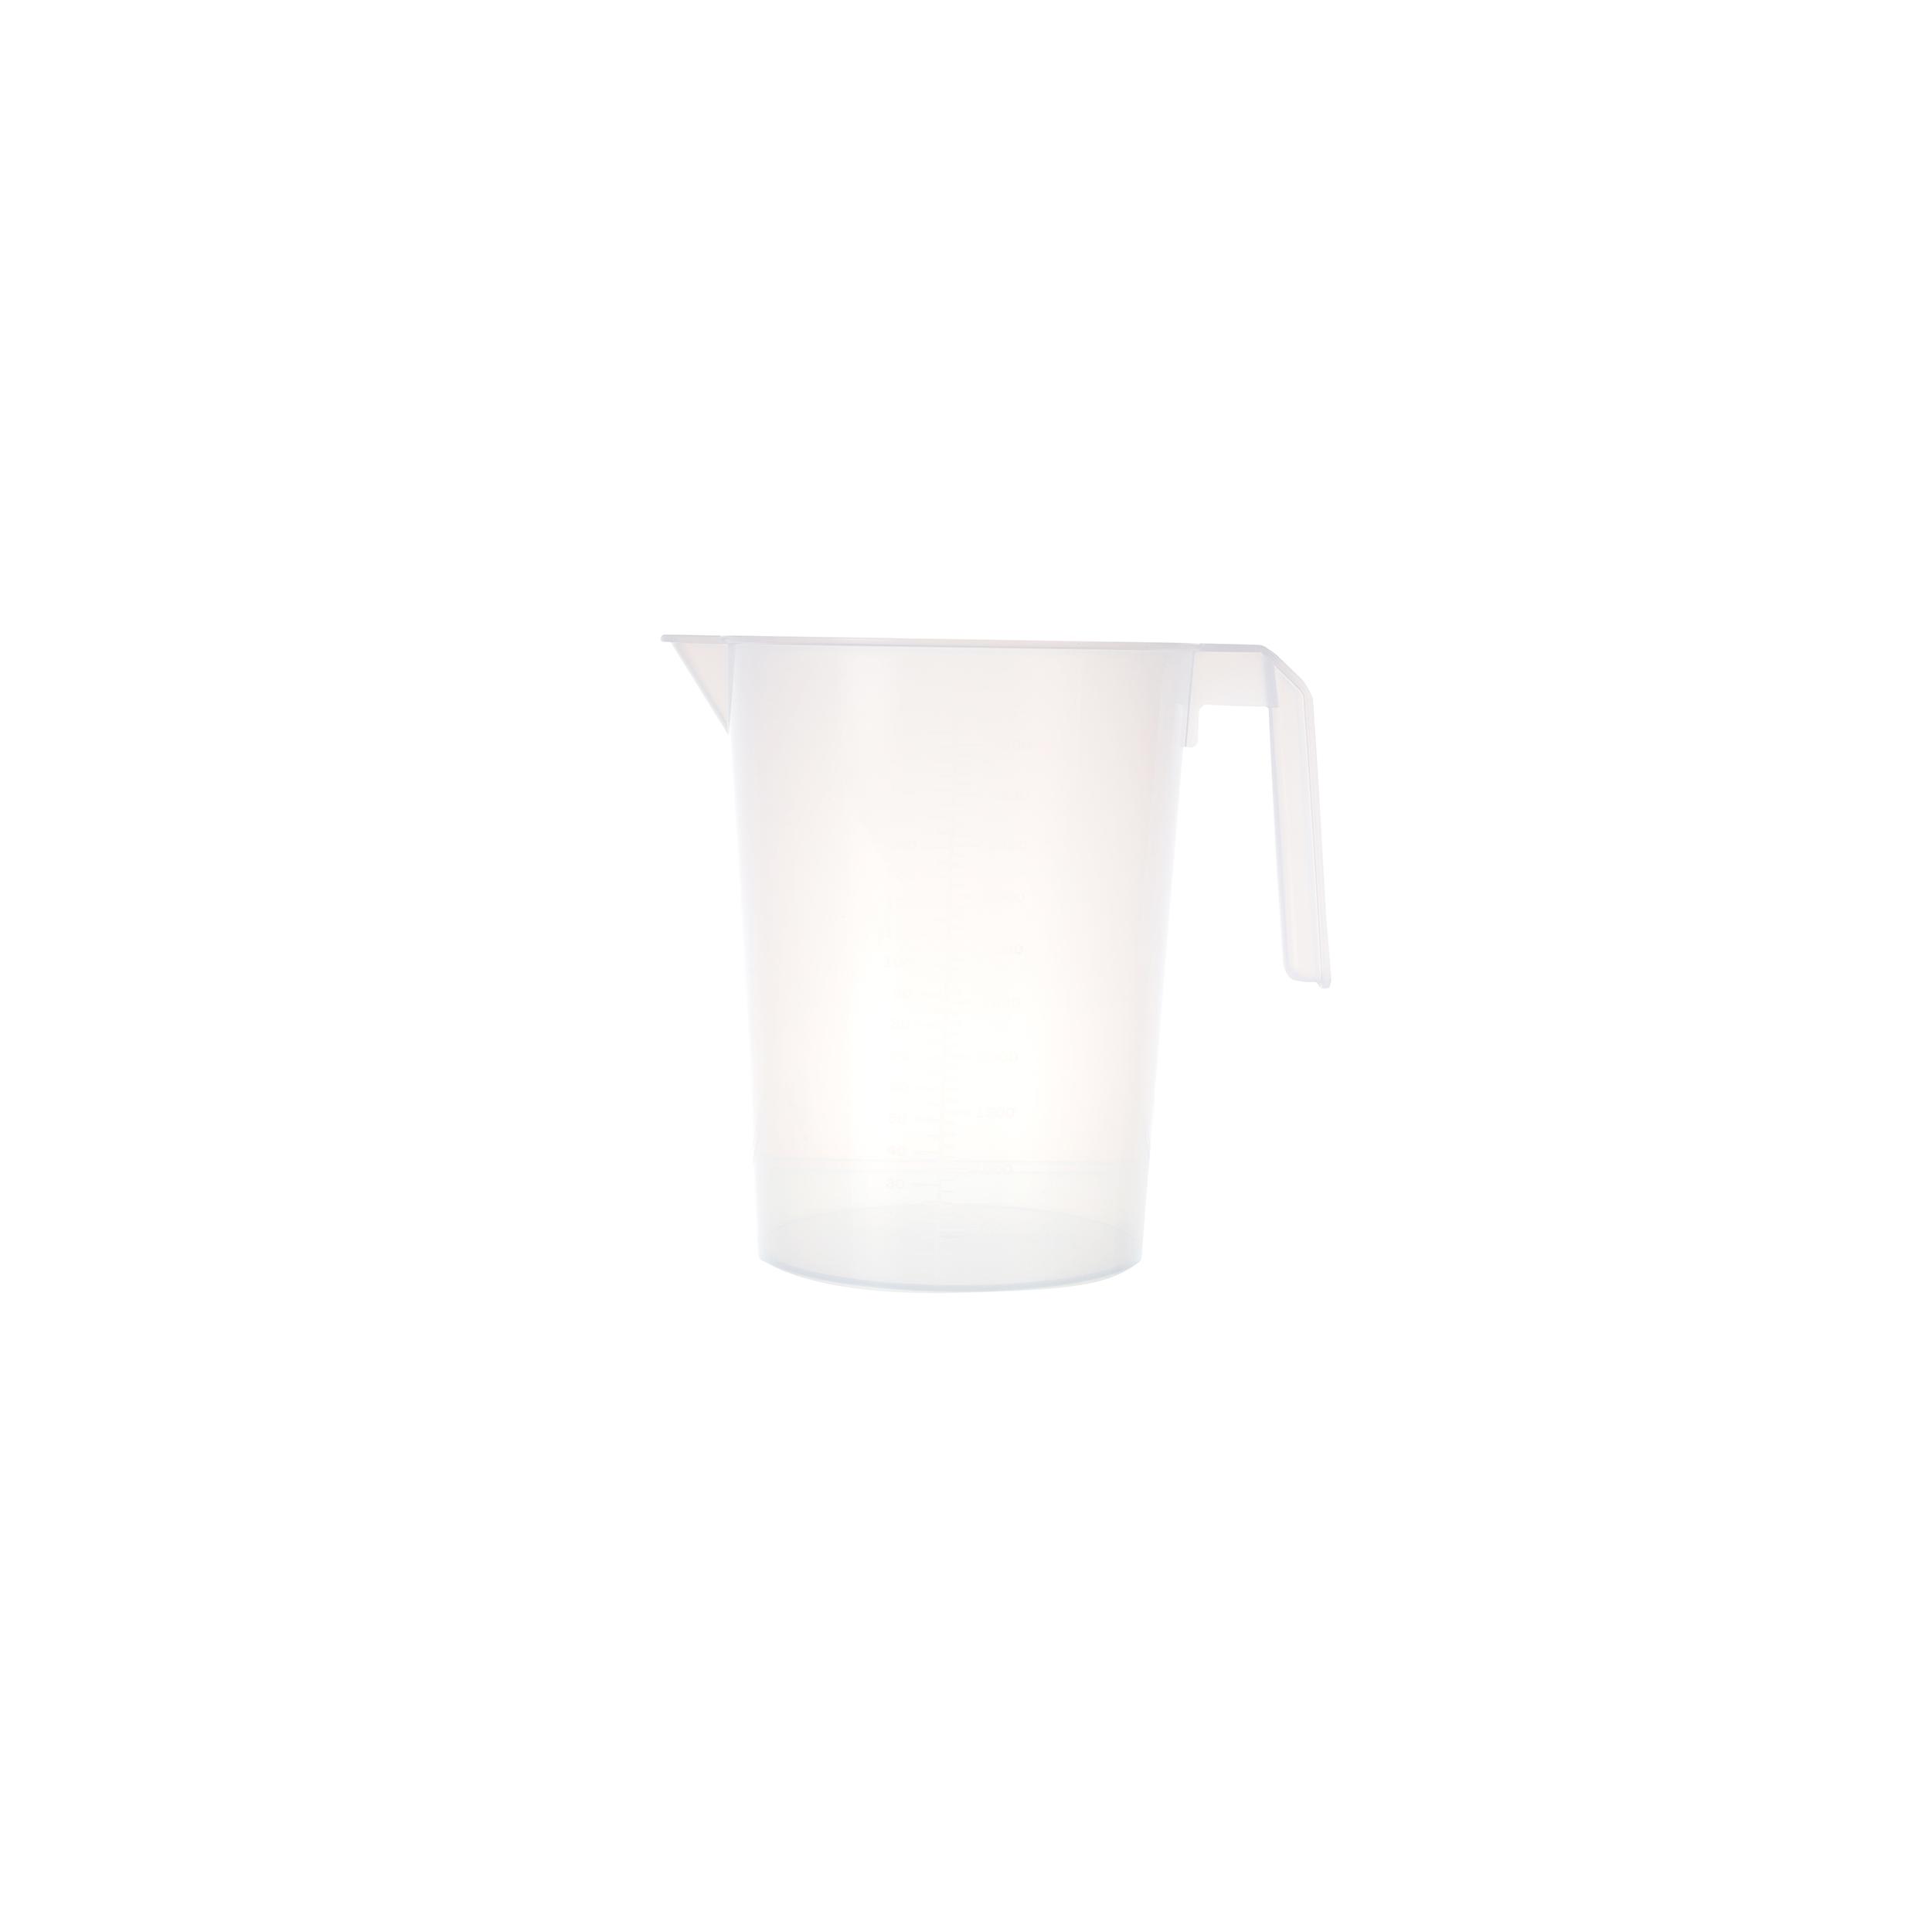 刻度量水器具/量測好幫手/MIT台灣製造 名廚標準200CC量水杯   LF-200  KEYWAY聯府